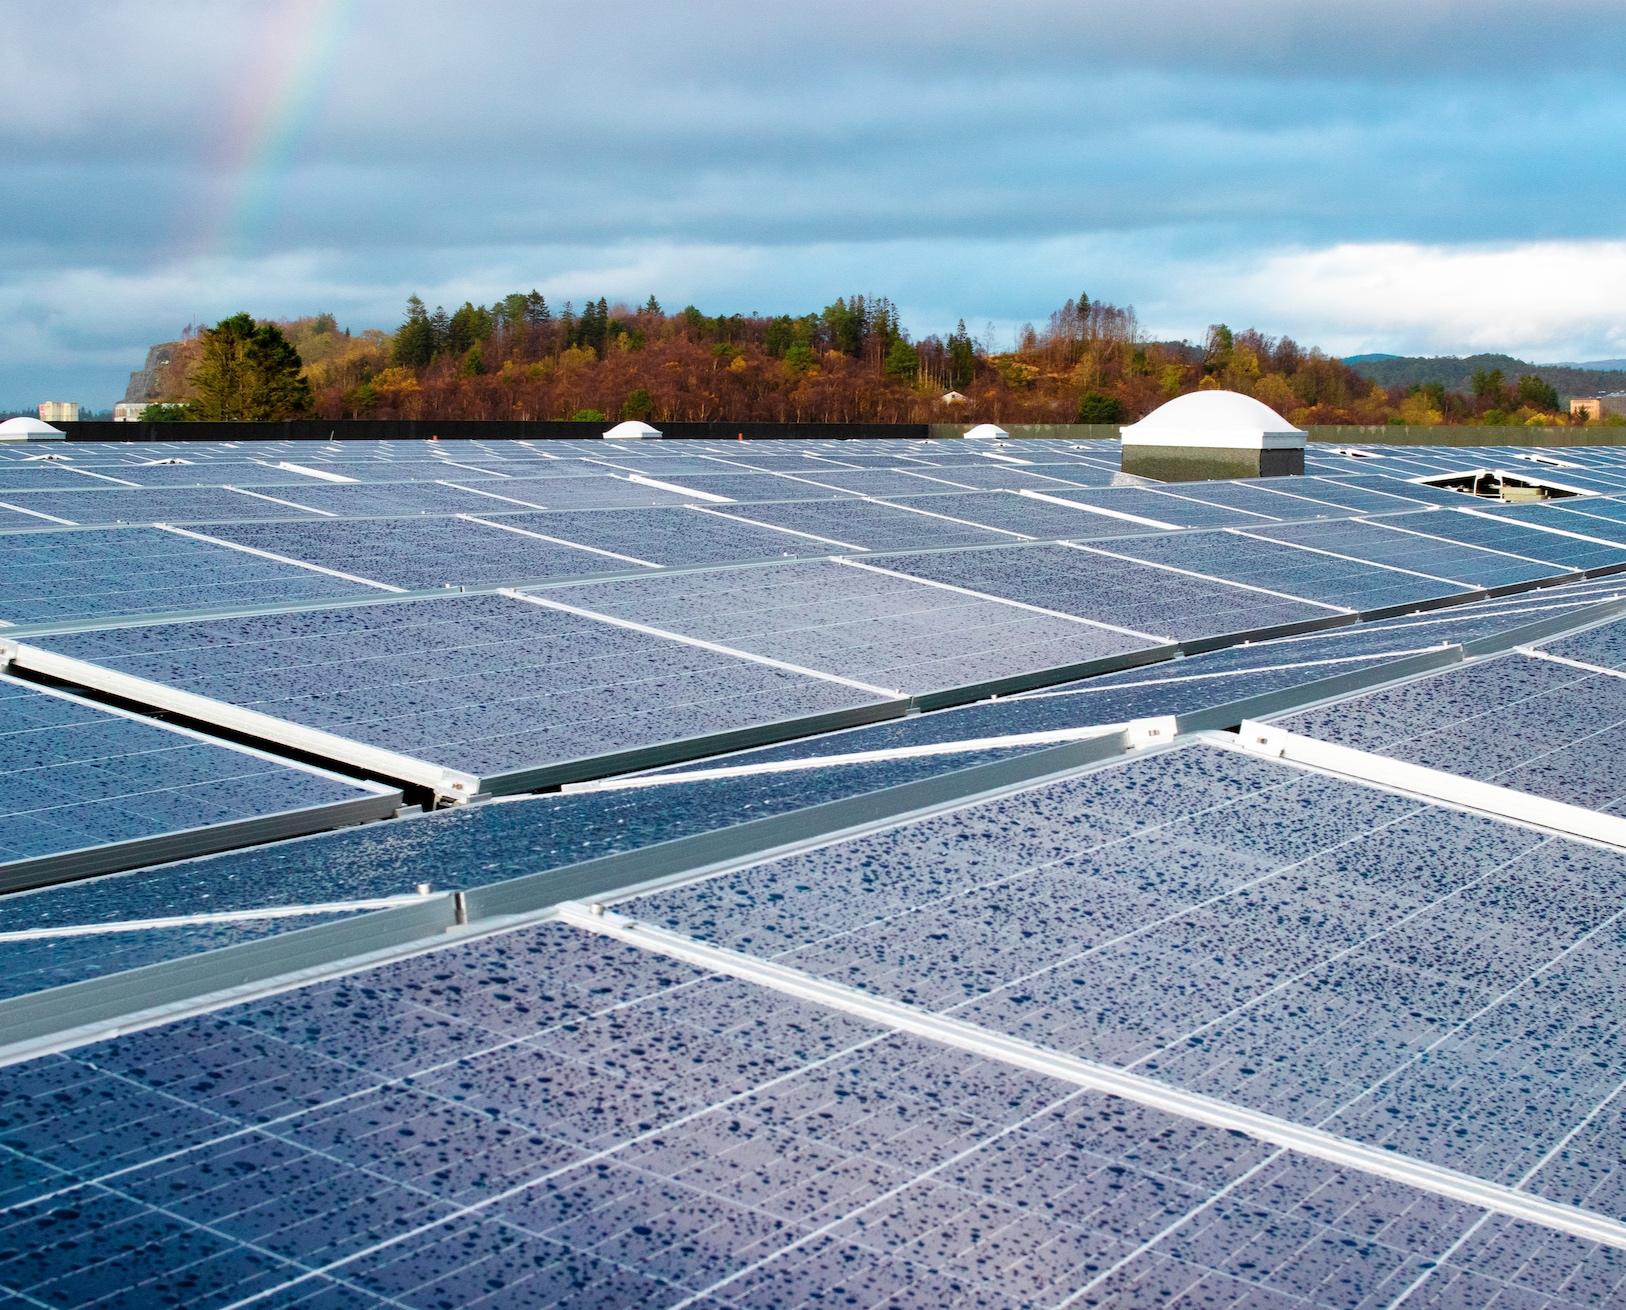 Besparelse på 606 061 613kg av karbonfotavtrykk per år -